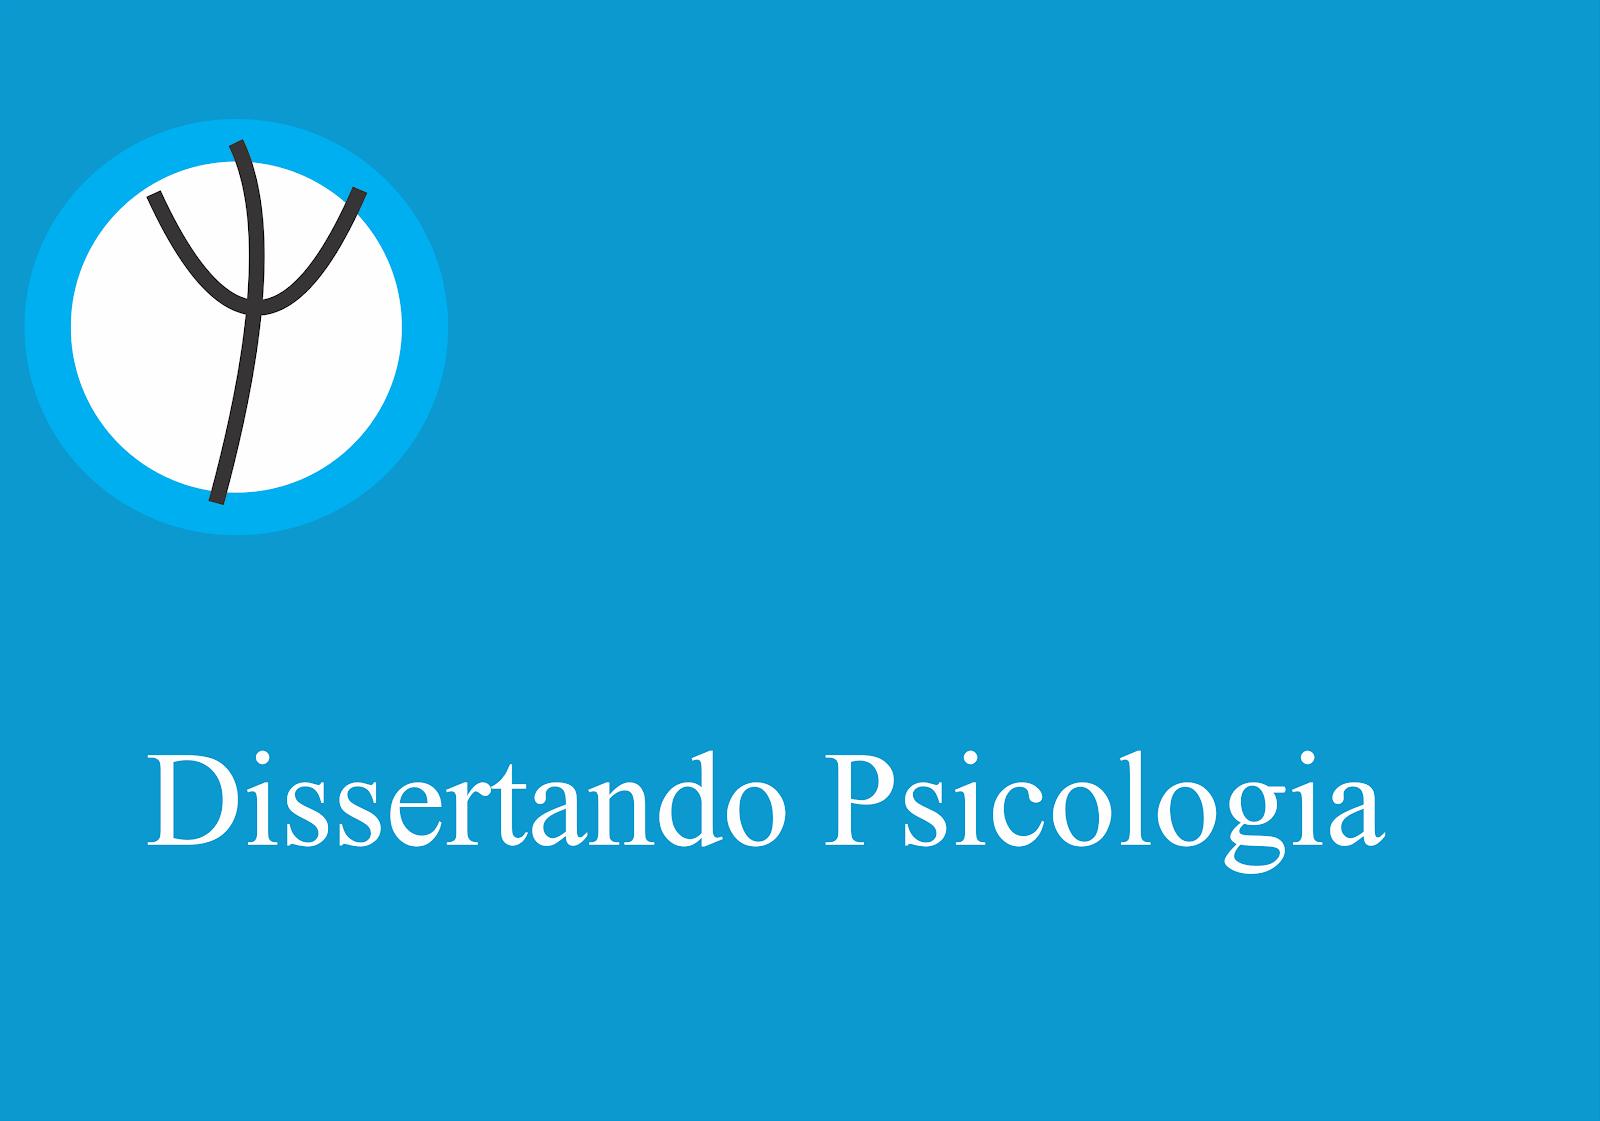 Dissertando Psicologia